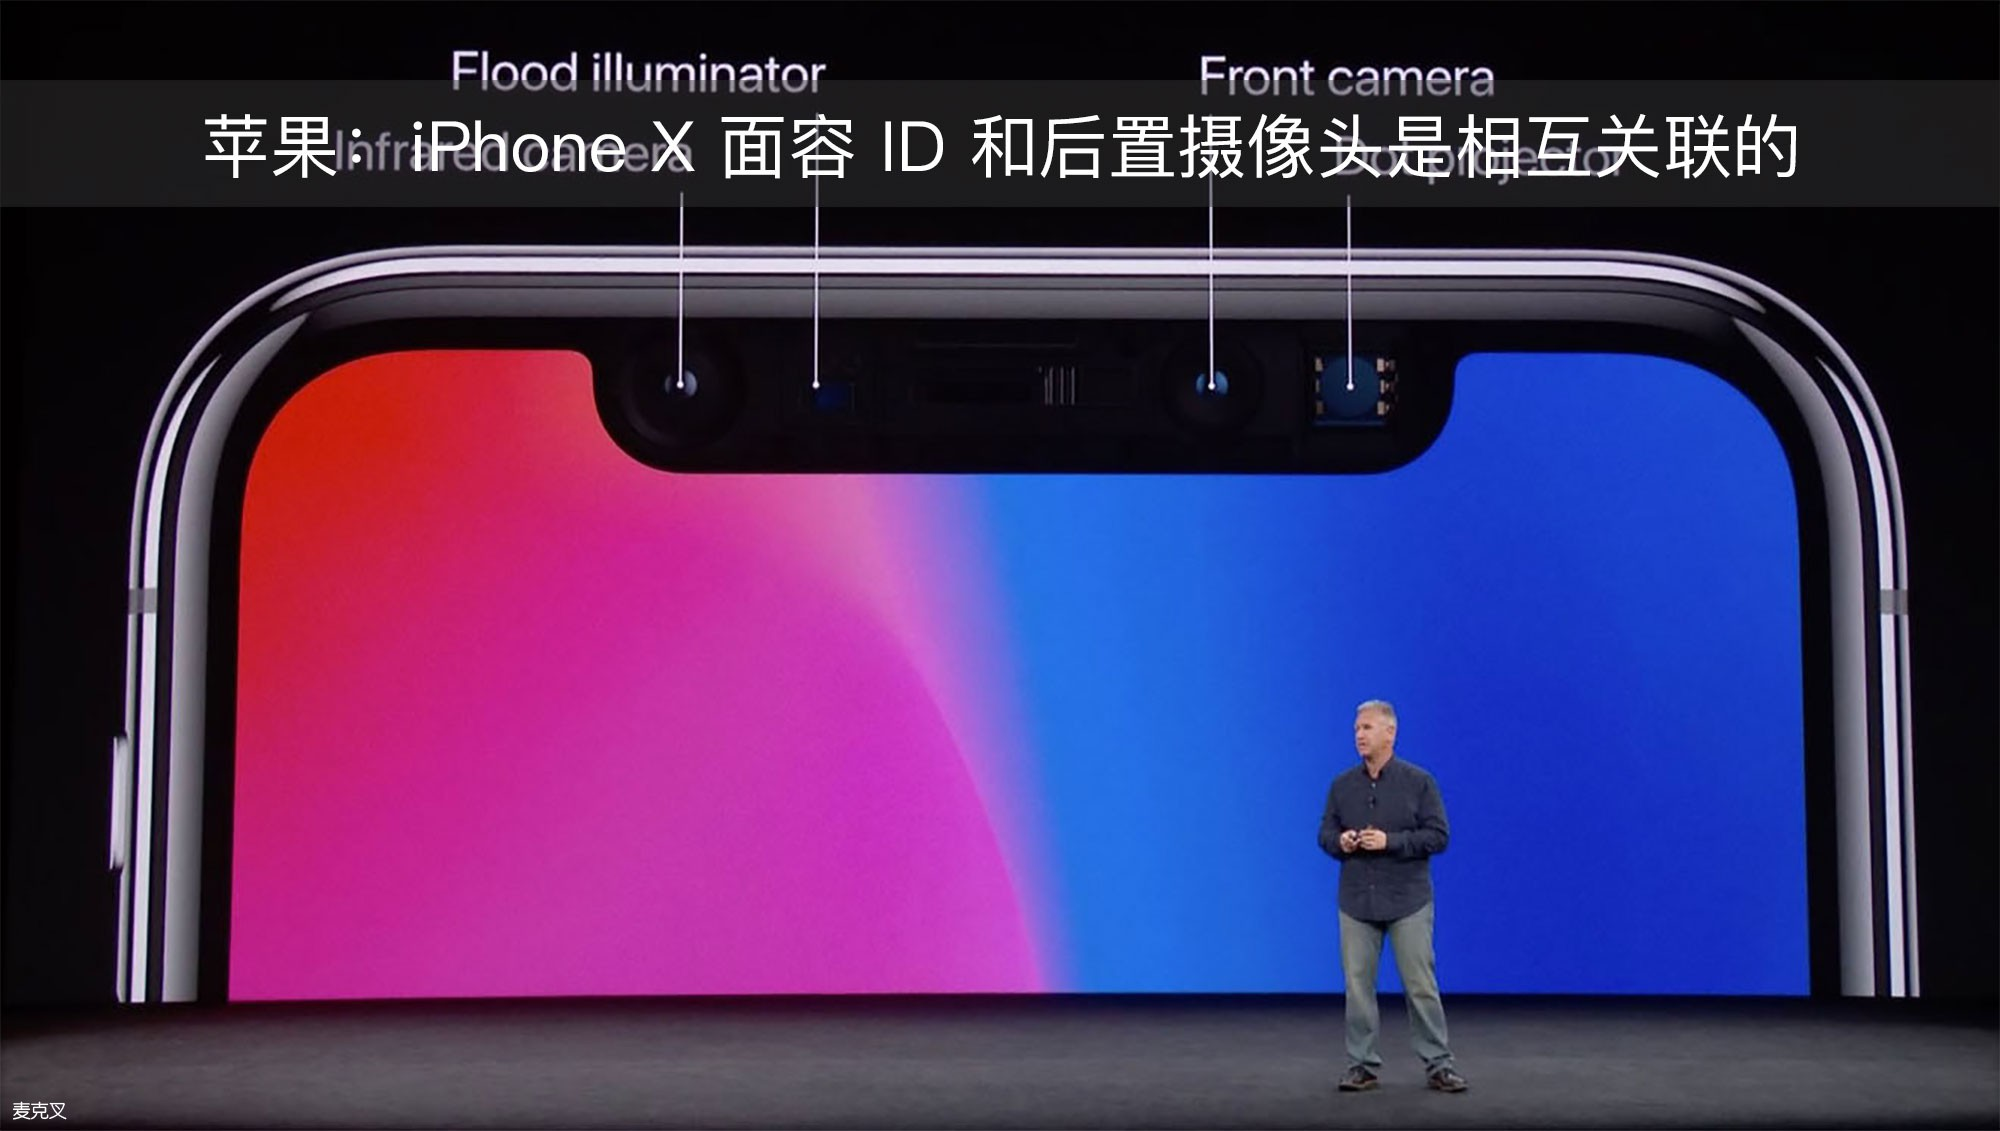 苹果:iPhone X 面容 ID 和后置摄像头是相互关联的